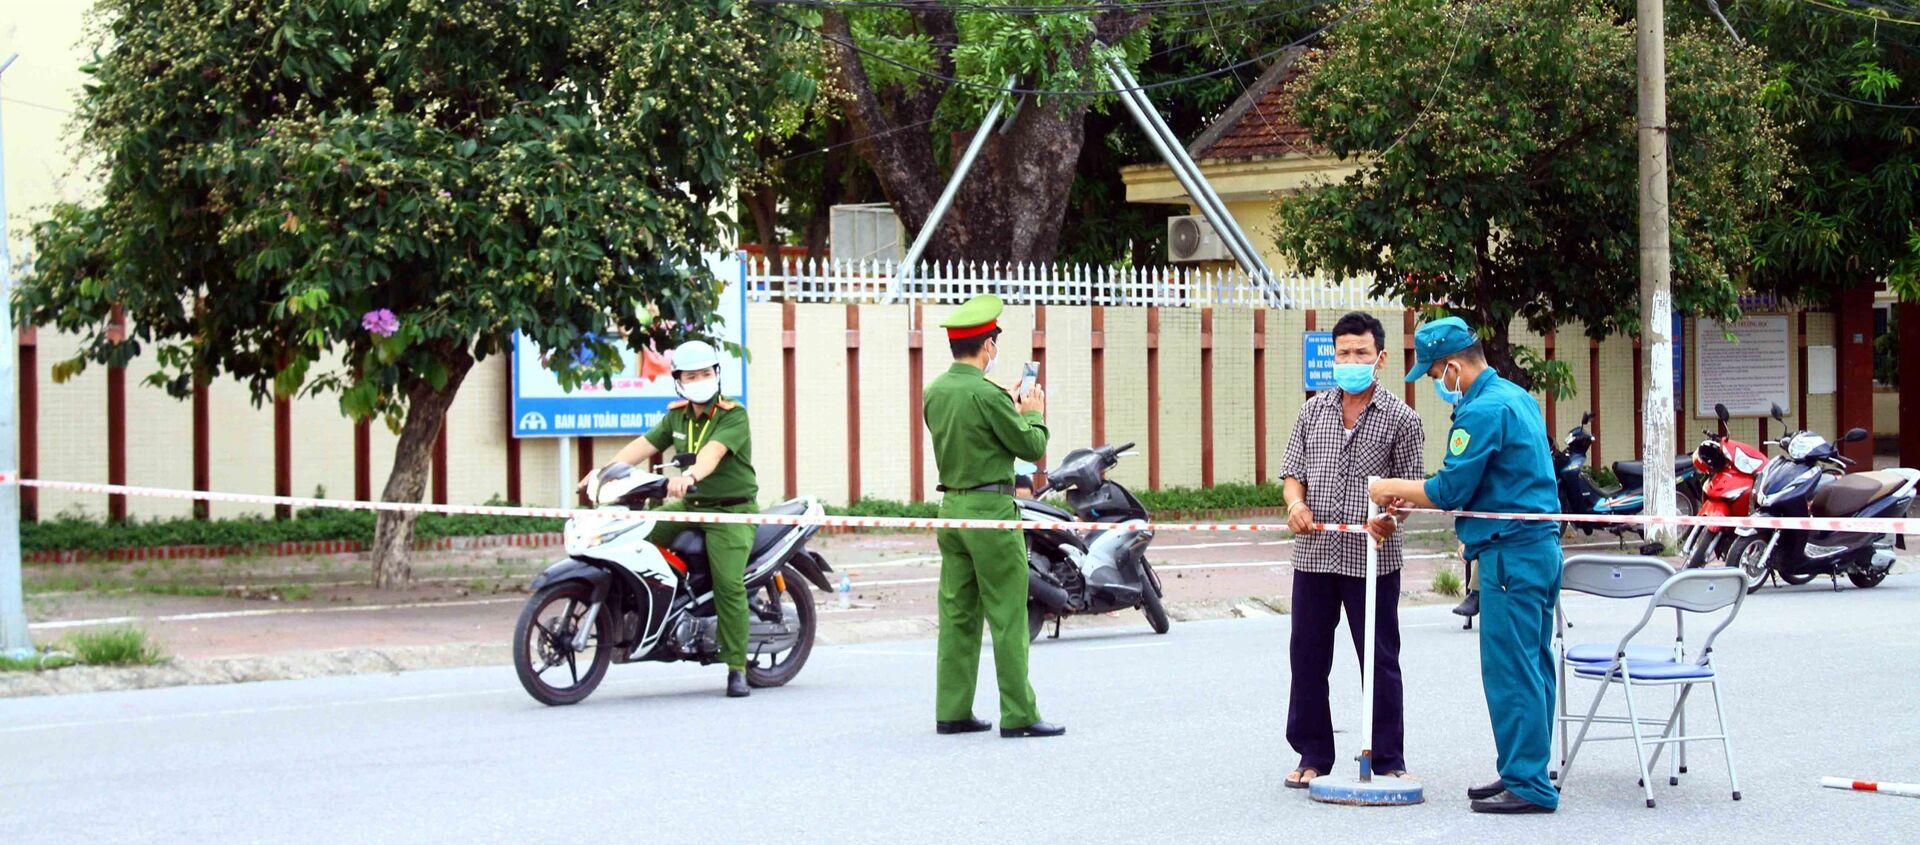 Nghệ An: Phong tỏa 3 khối phường Hưng Dũng sau khi phát hiện trường hợp thứ 2 dương tính với SARS-CoV-2 - Sputnik Việt Nam, 1920, 16.06.2021